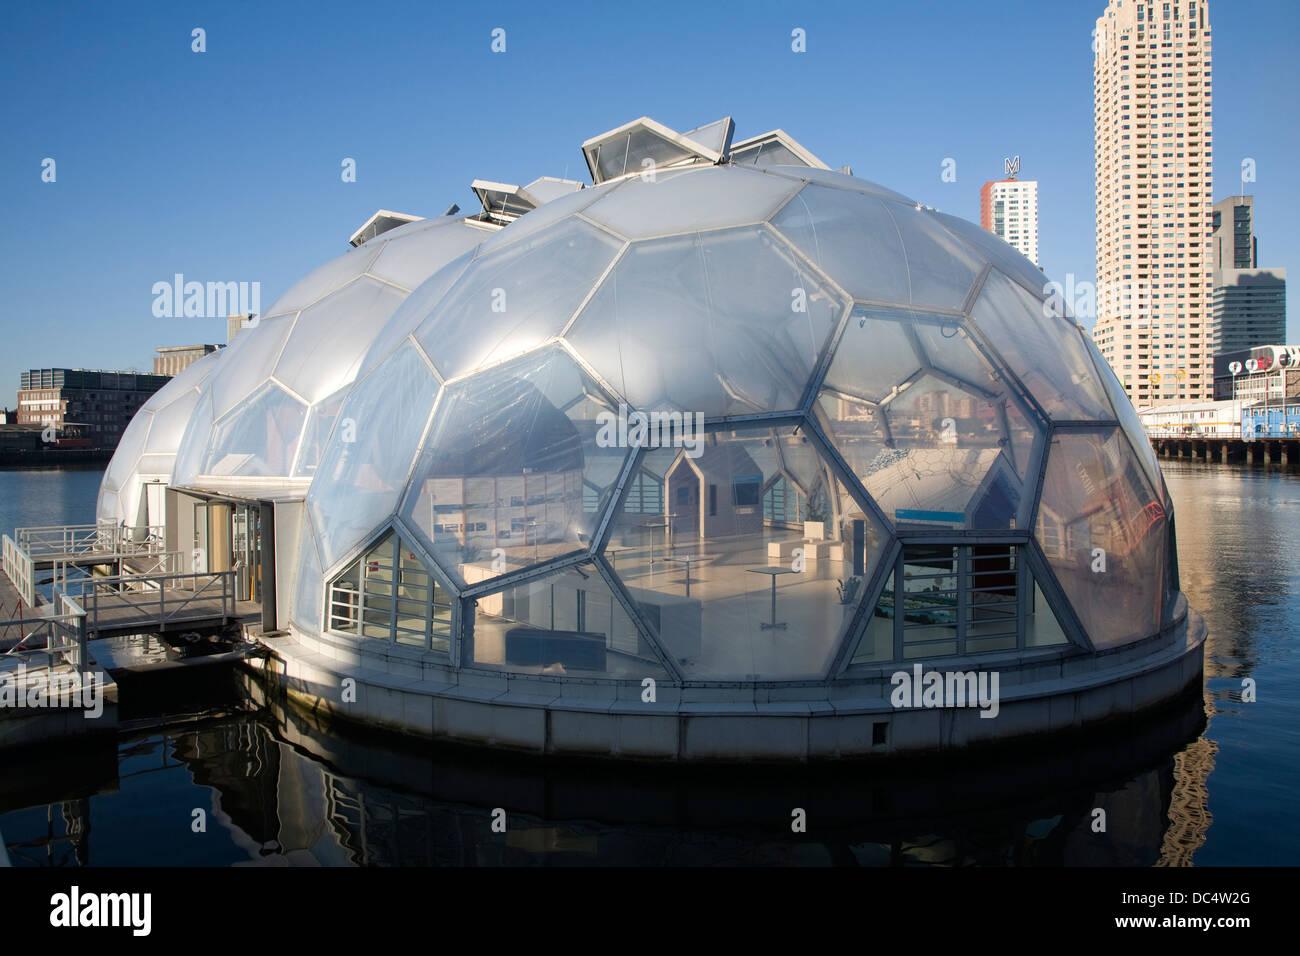 Schwebende Pavillon nachhaltige Architektur Rotterdam Niederlande Stockbild